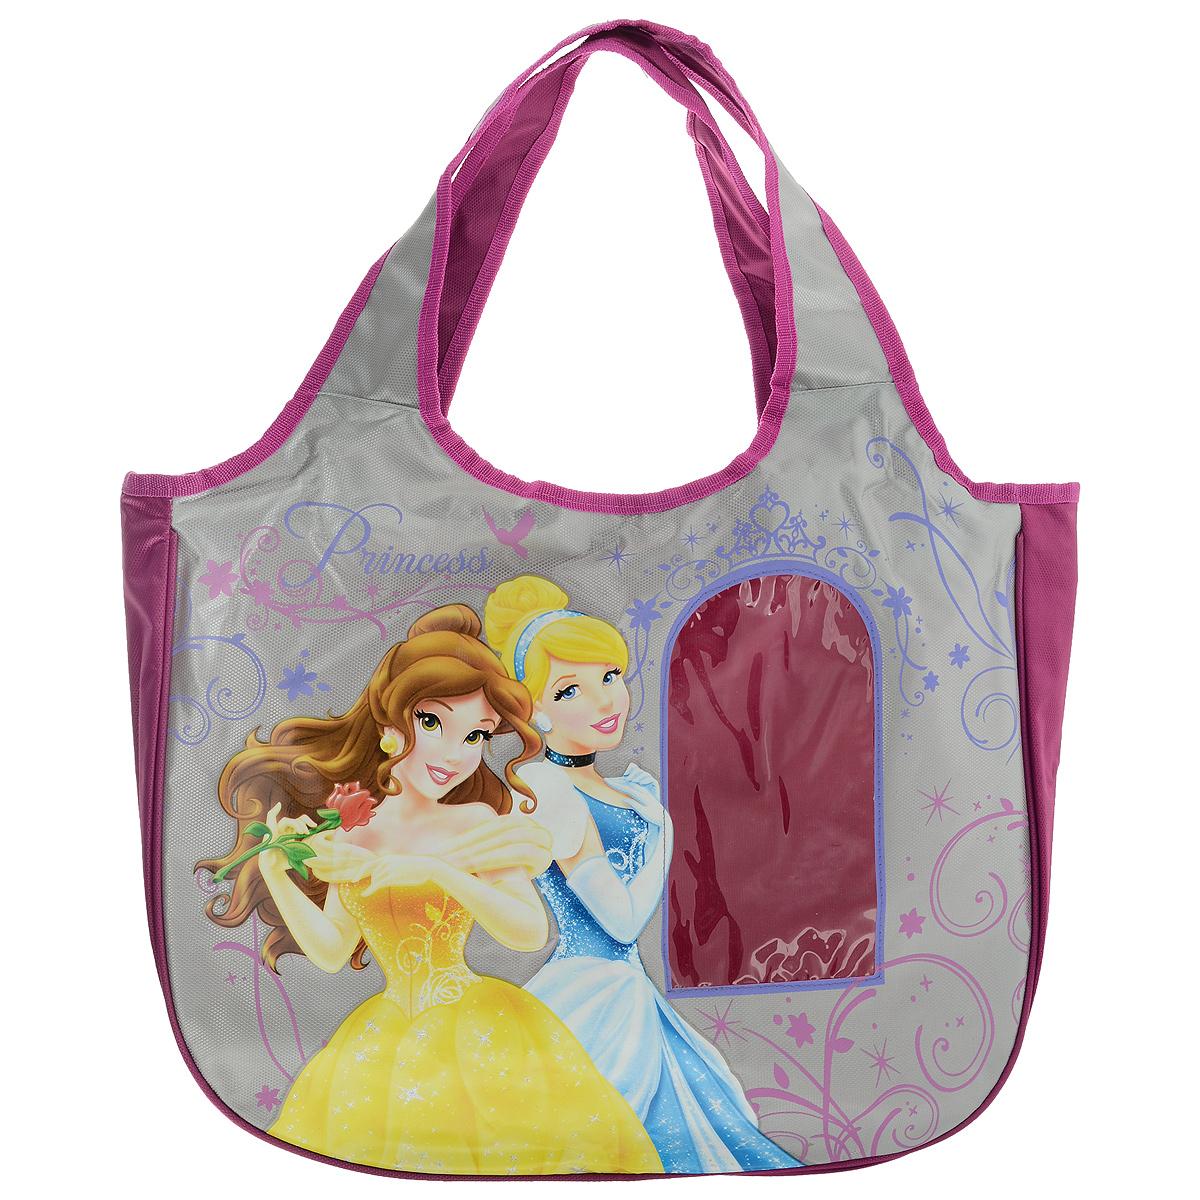 Сумка детская Disney Princess, цвет: розовый, серый. PRAS-UT-1445 сумочка princess цвет розовый prcb ut4 4017